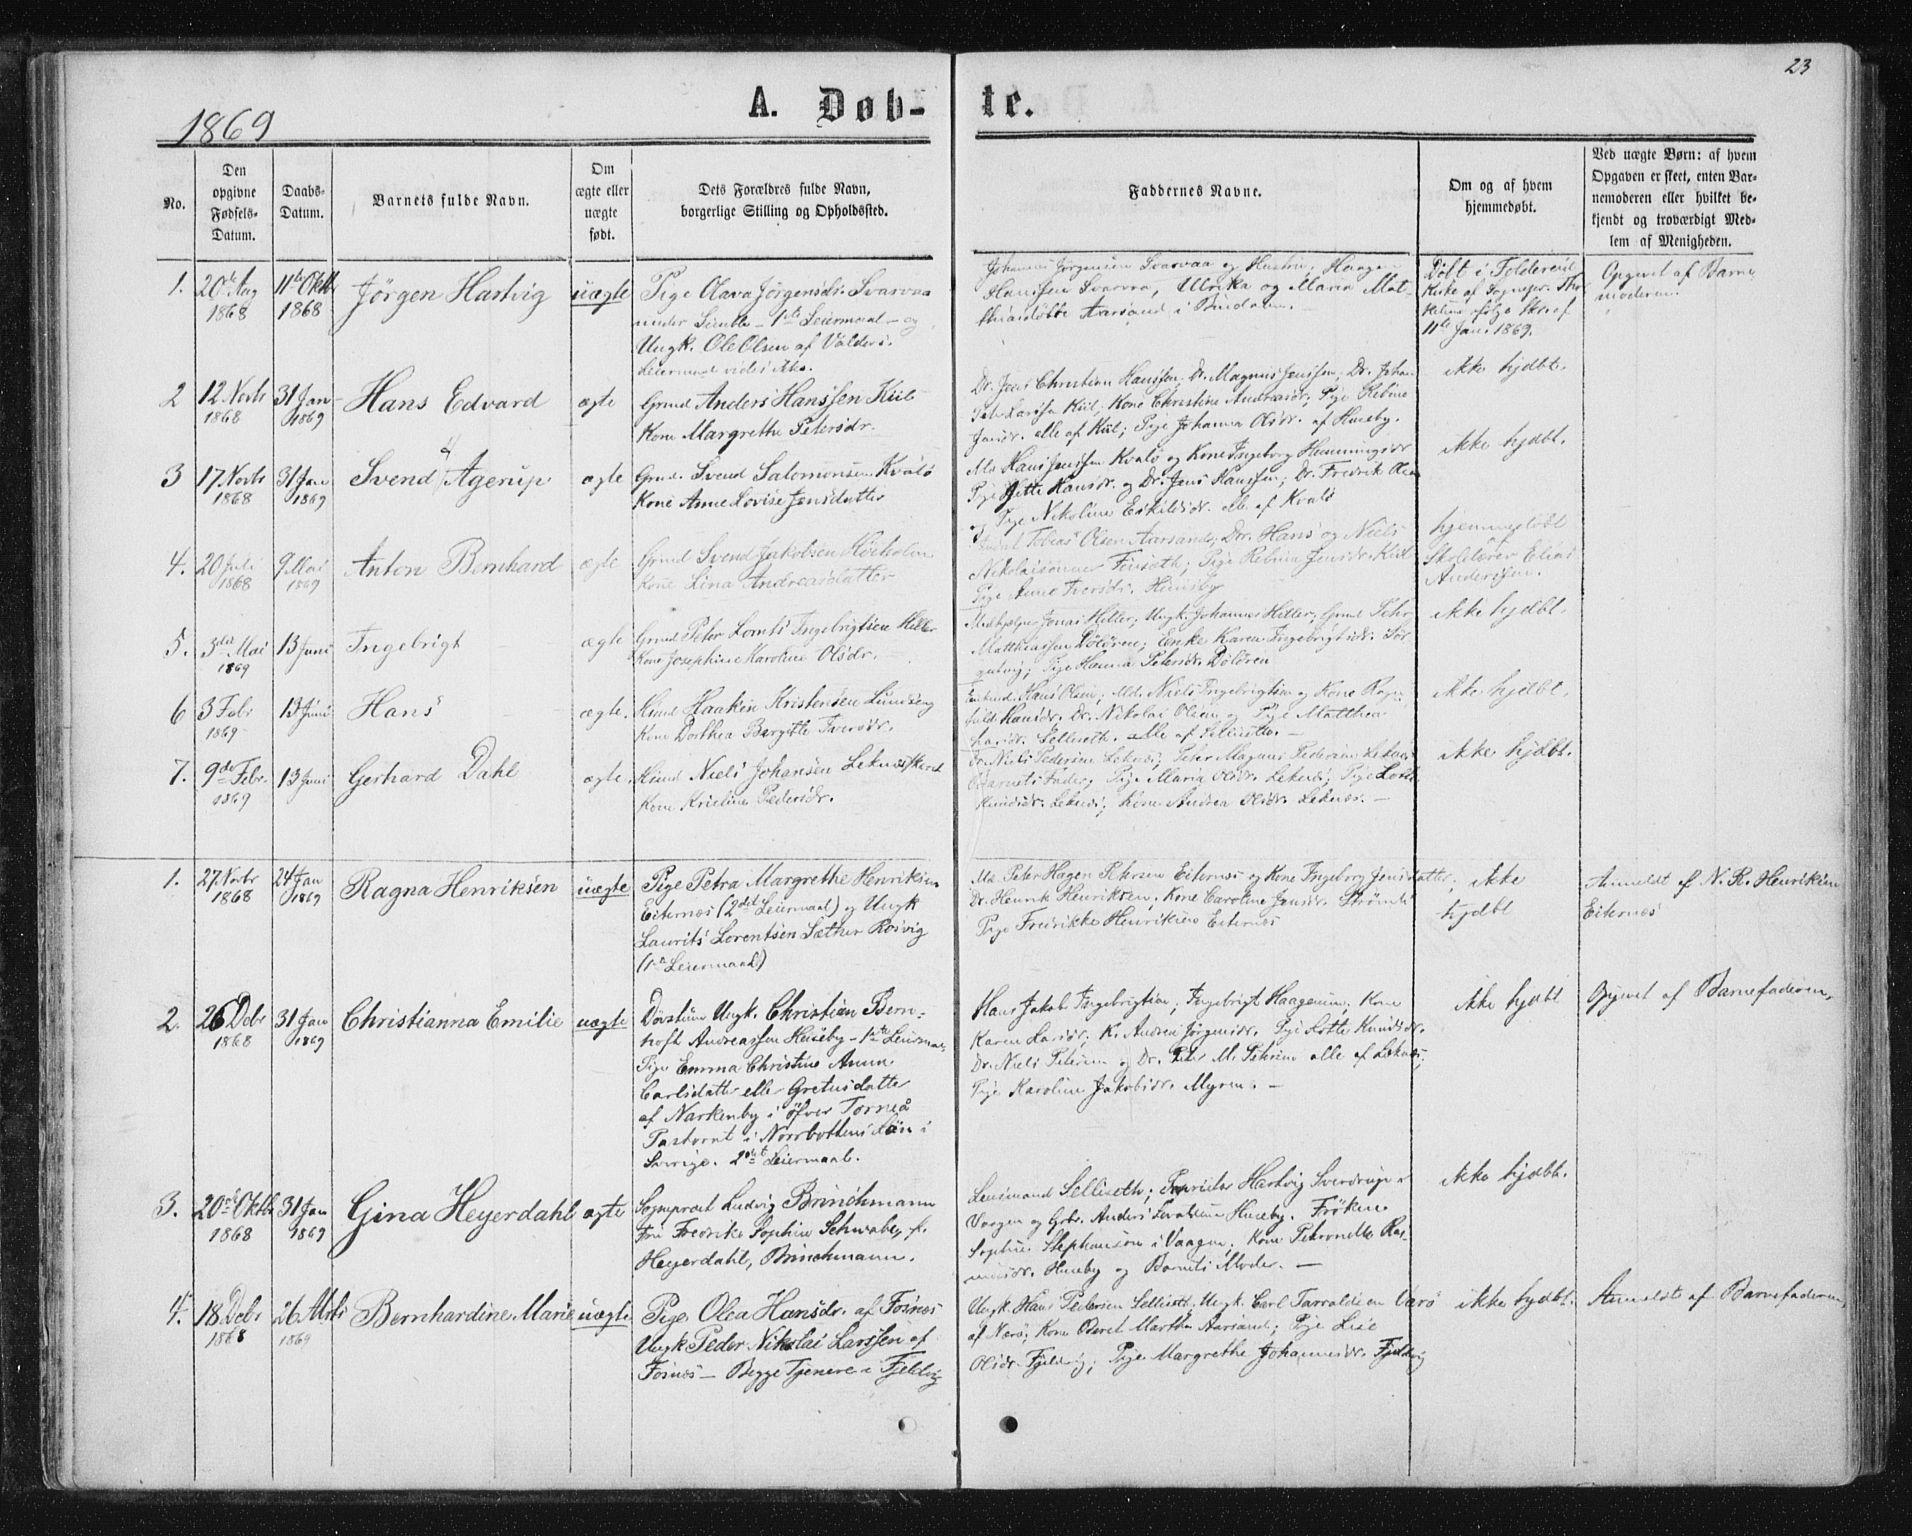 SAT, Ministerialprotokoller, klokkerbøker og fødselsregistre - Nord-Trøndelag, 788/L0696: Ministerialbok nr. 788A03, 1863-1877, s. 23